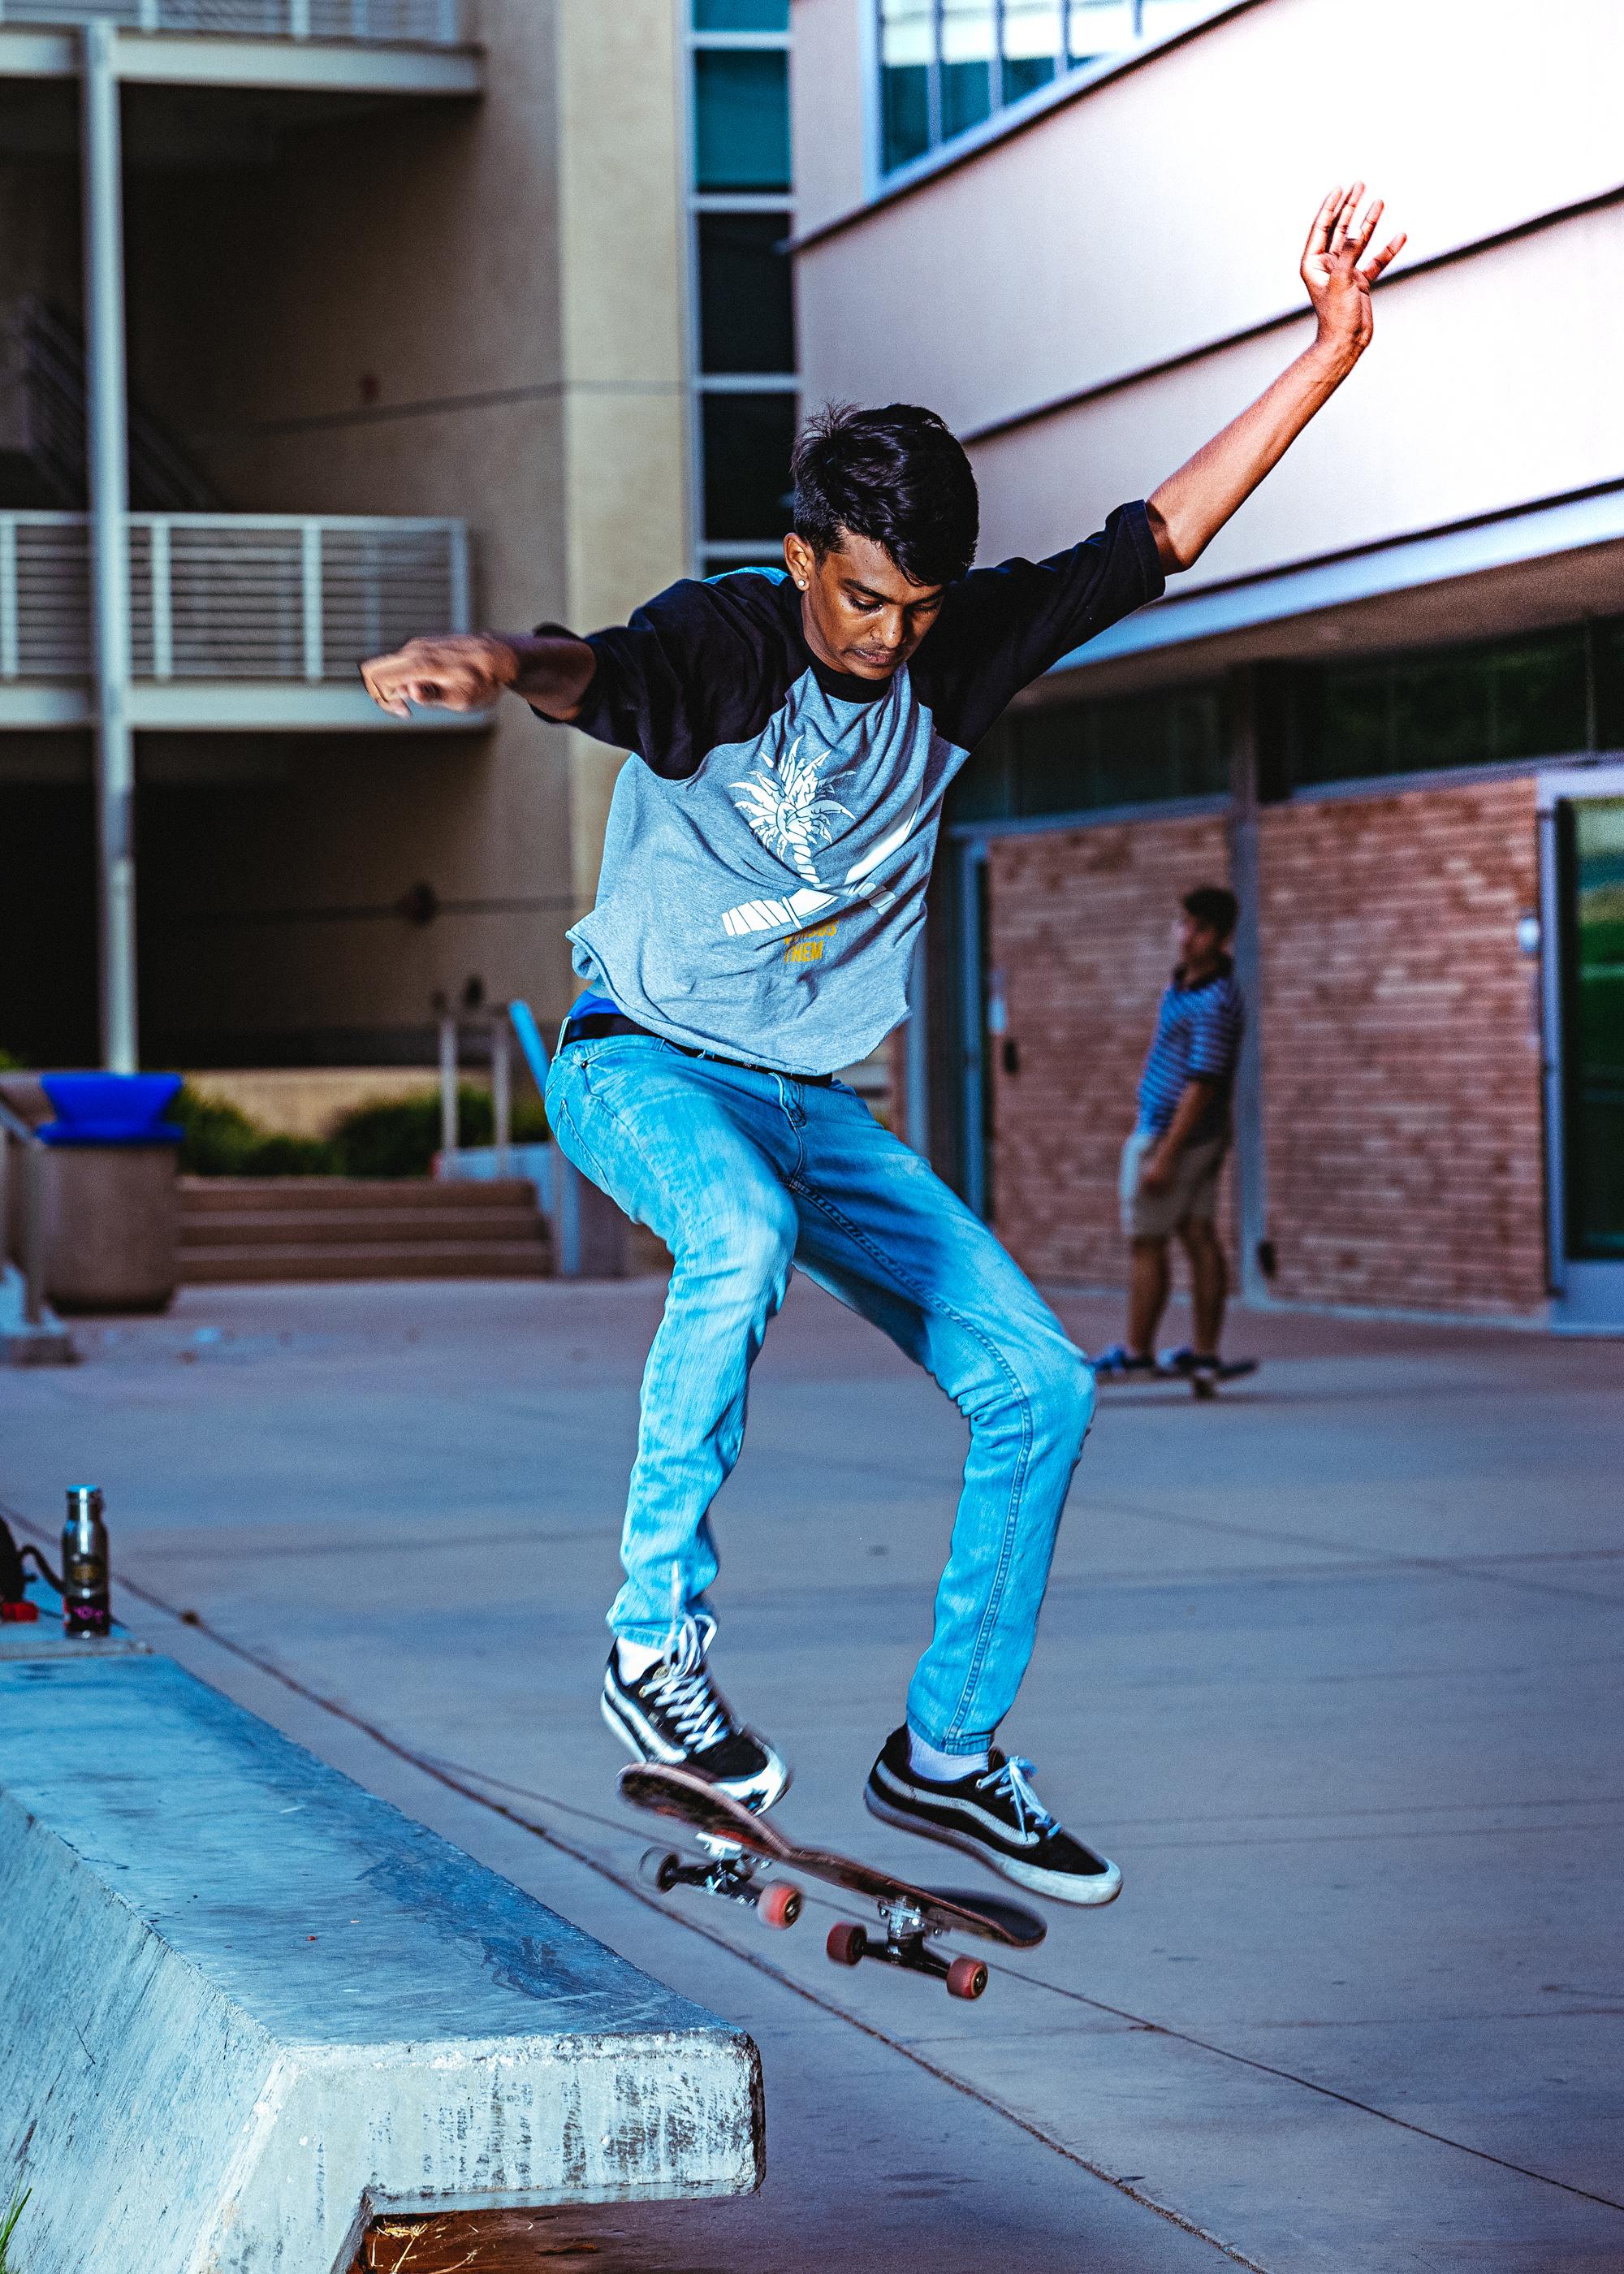 skater2edit.jpg